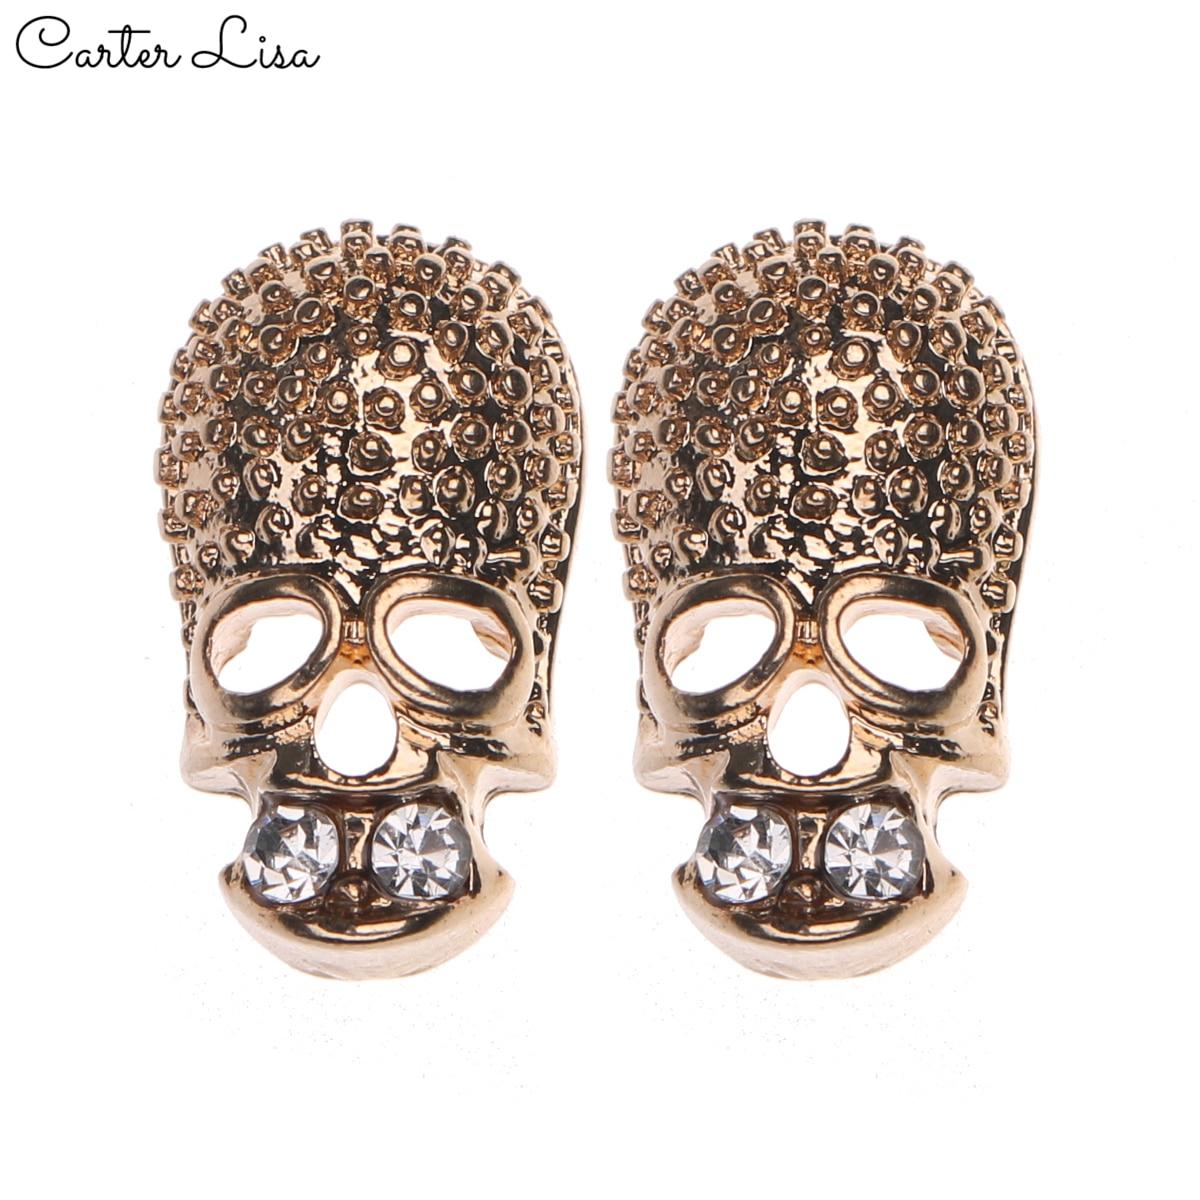 CARTER LISA 1 Pair Fashion Women Earrings Silver Color Skull Rhinestone Stud Earrings For Women Ear Earrings Jewelry